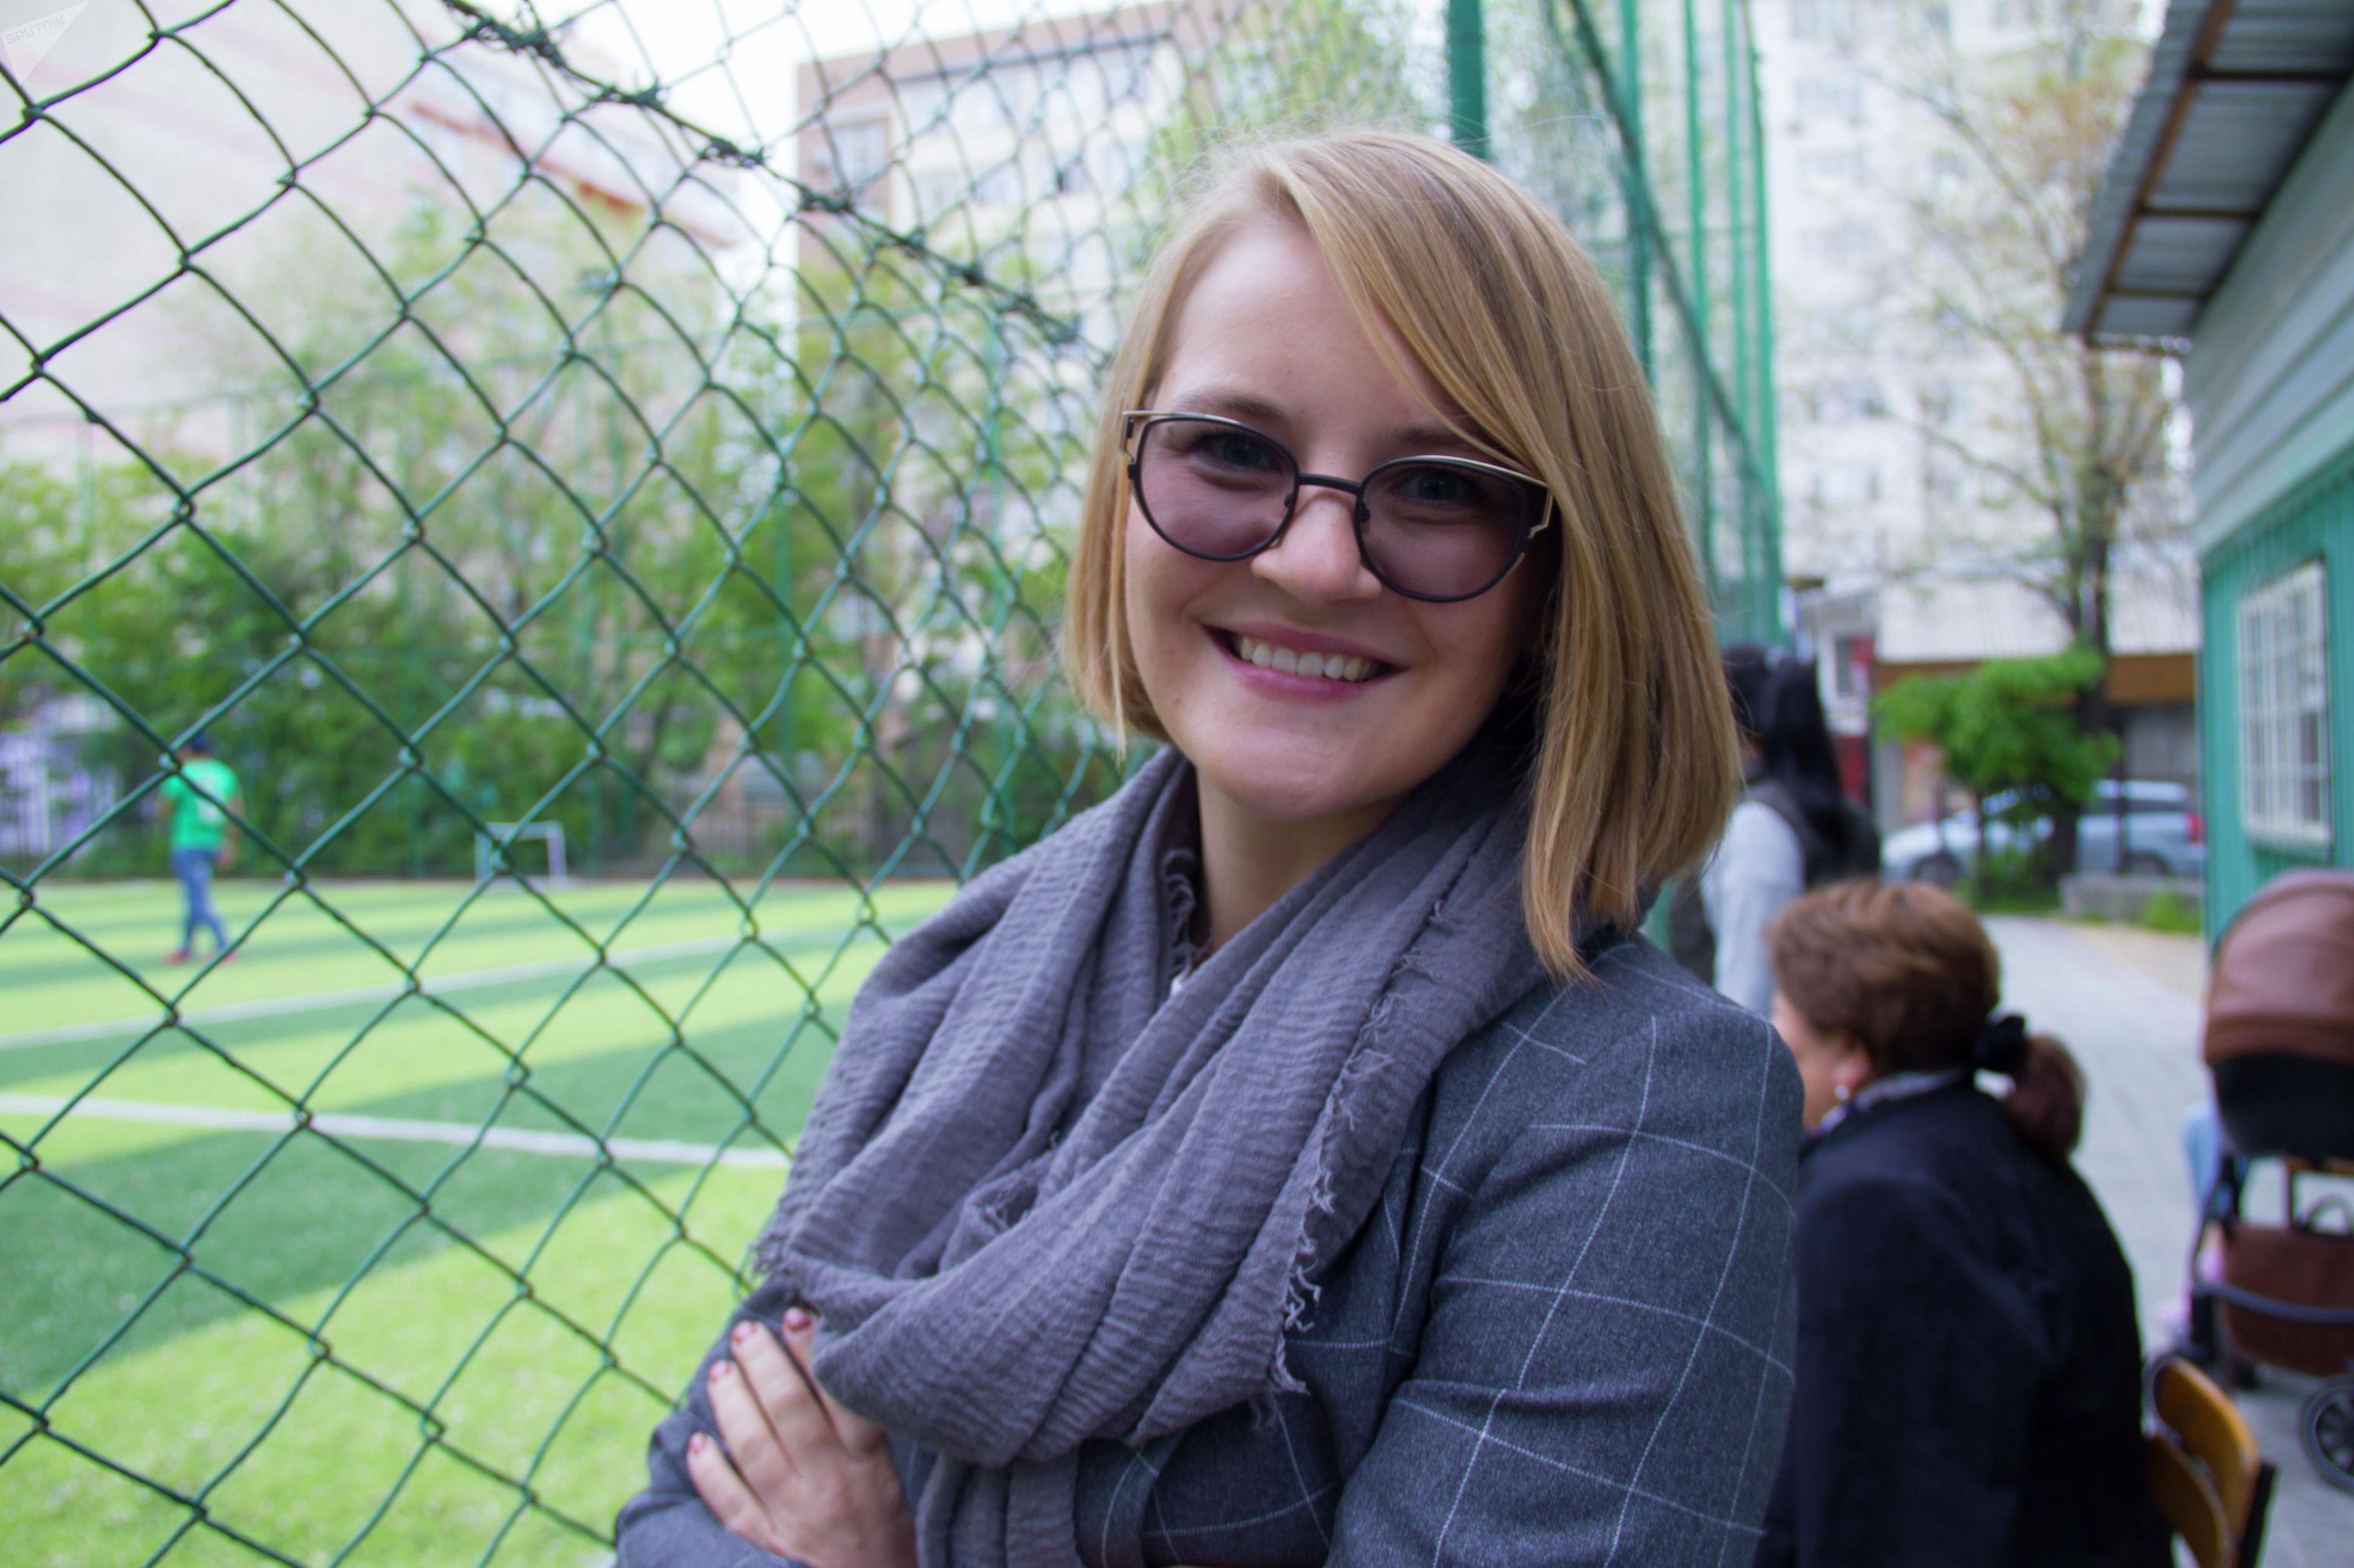 Представитель оргкомитета Всемирных детских игр победителей Лидия Жукова  на отборочном этапе Всемирных детских игр победителей